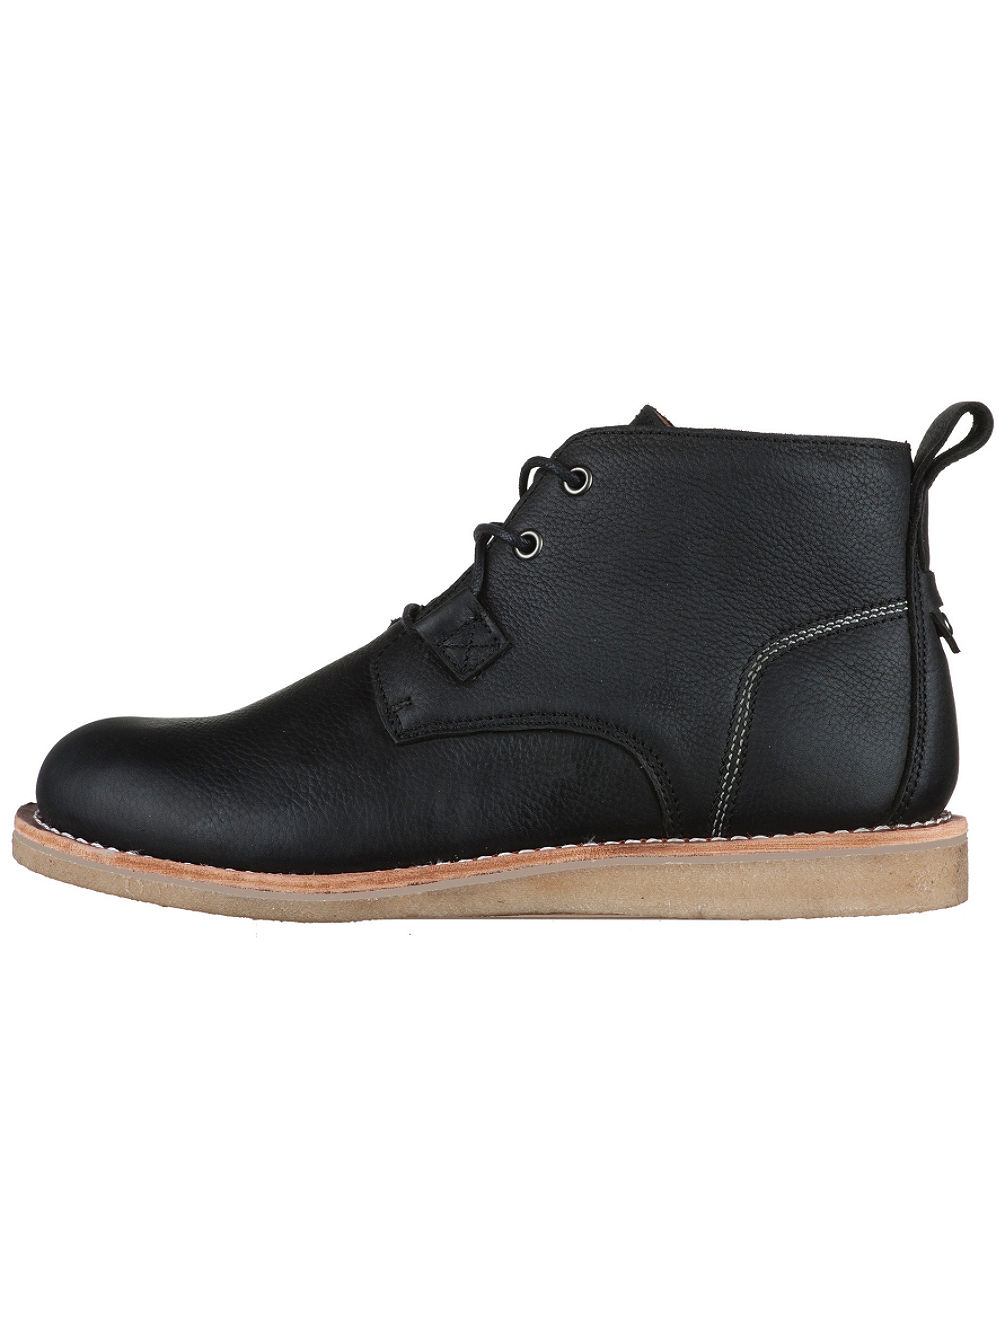 dickies-oak-brook-shoes